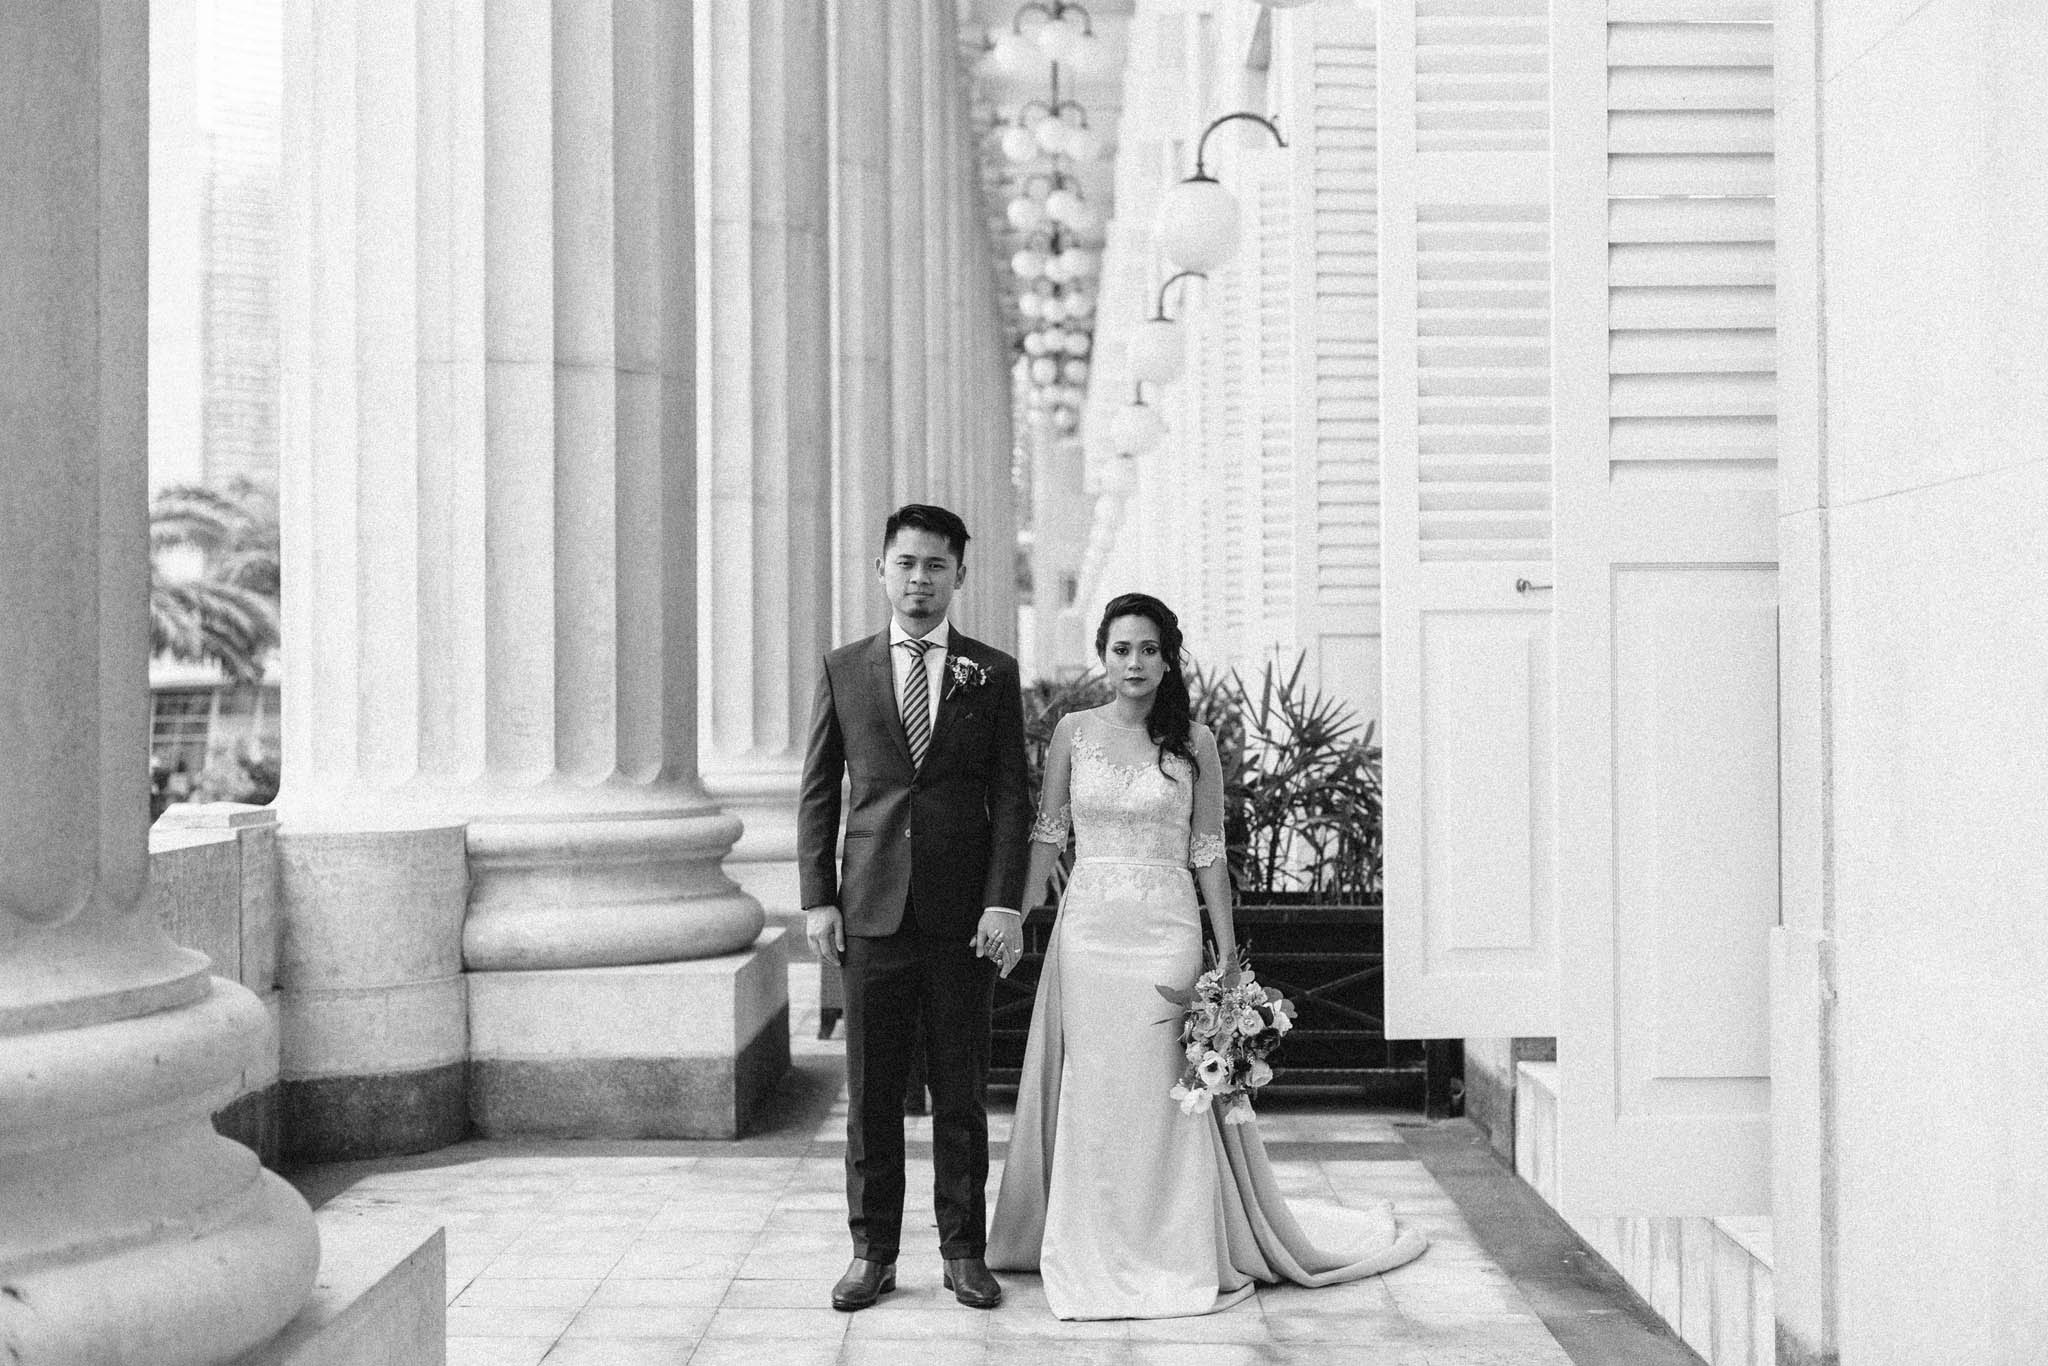 singapore-wedding-photographer-wemadethese-bw-046.jpg